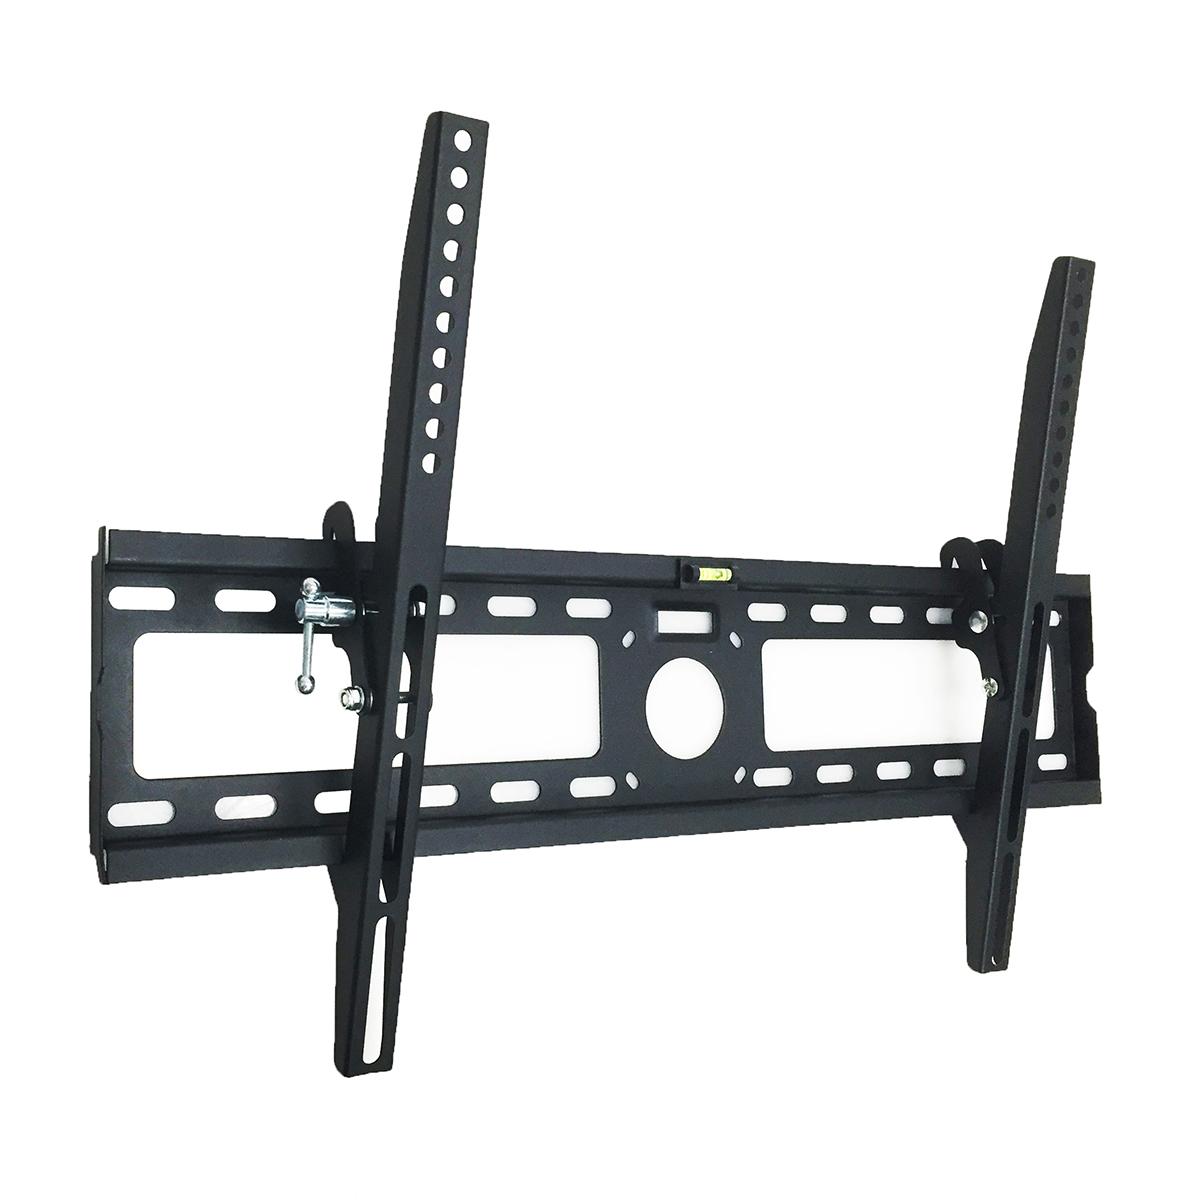 flat tilt tv wall mount bracket for 32 40 42 47 50 55. Black Bedroom Furniture Sets. Home Design Ideas